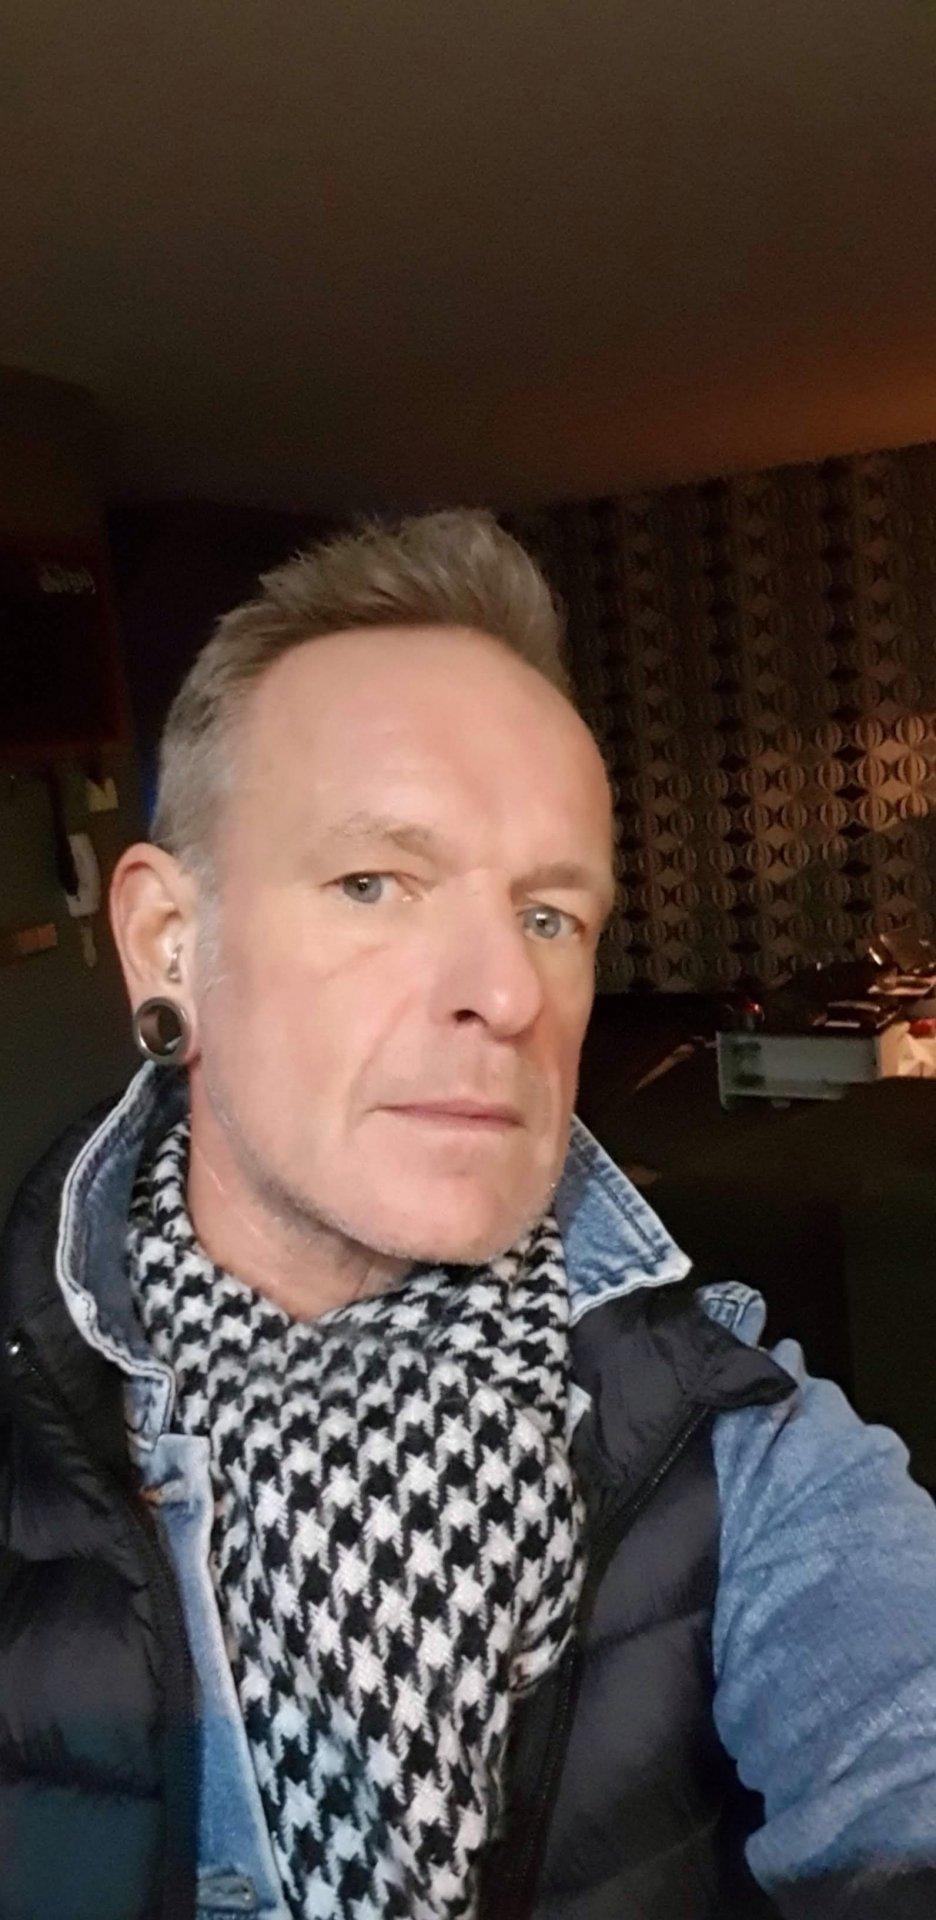 Randy aus Antwerpen,Belgien